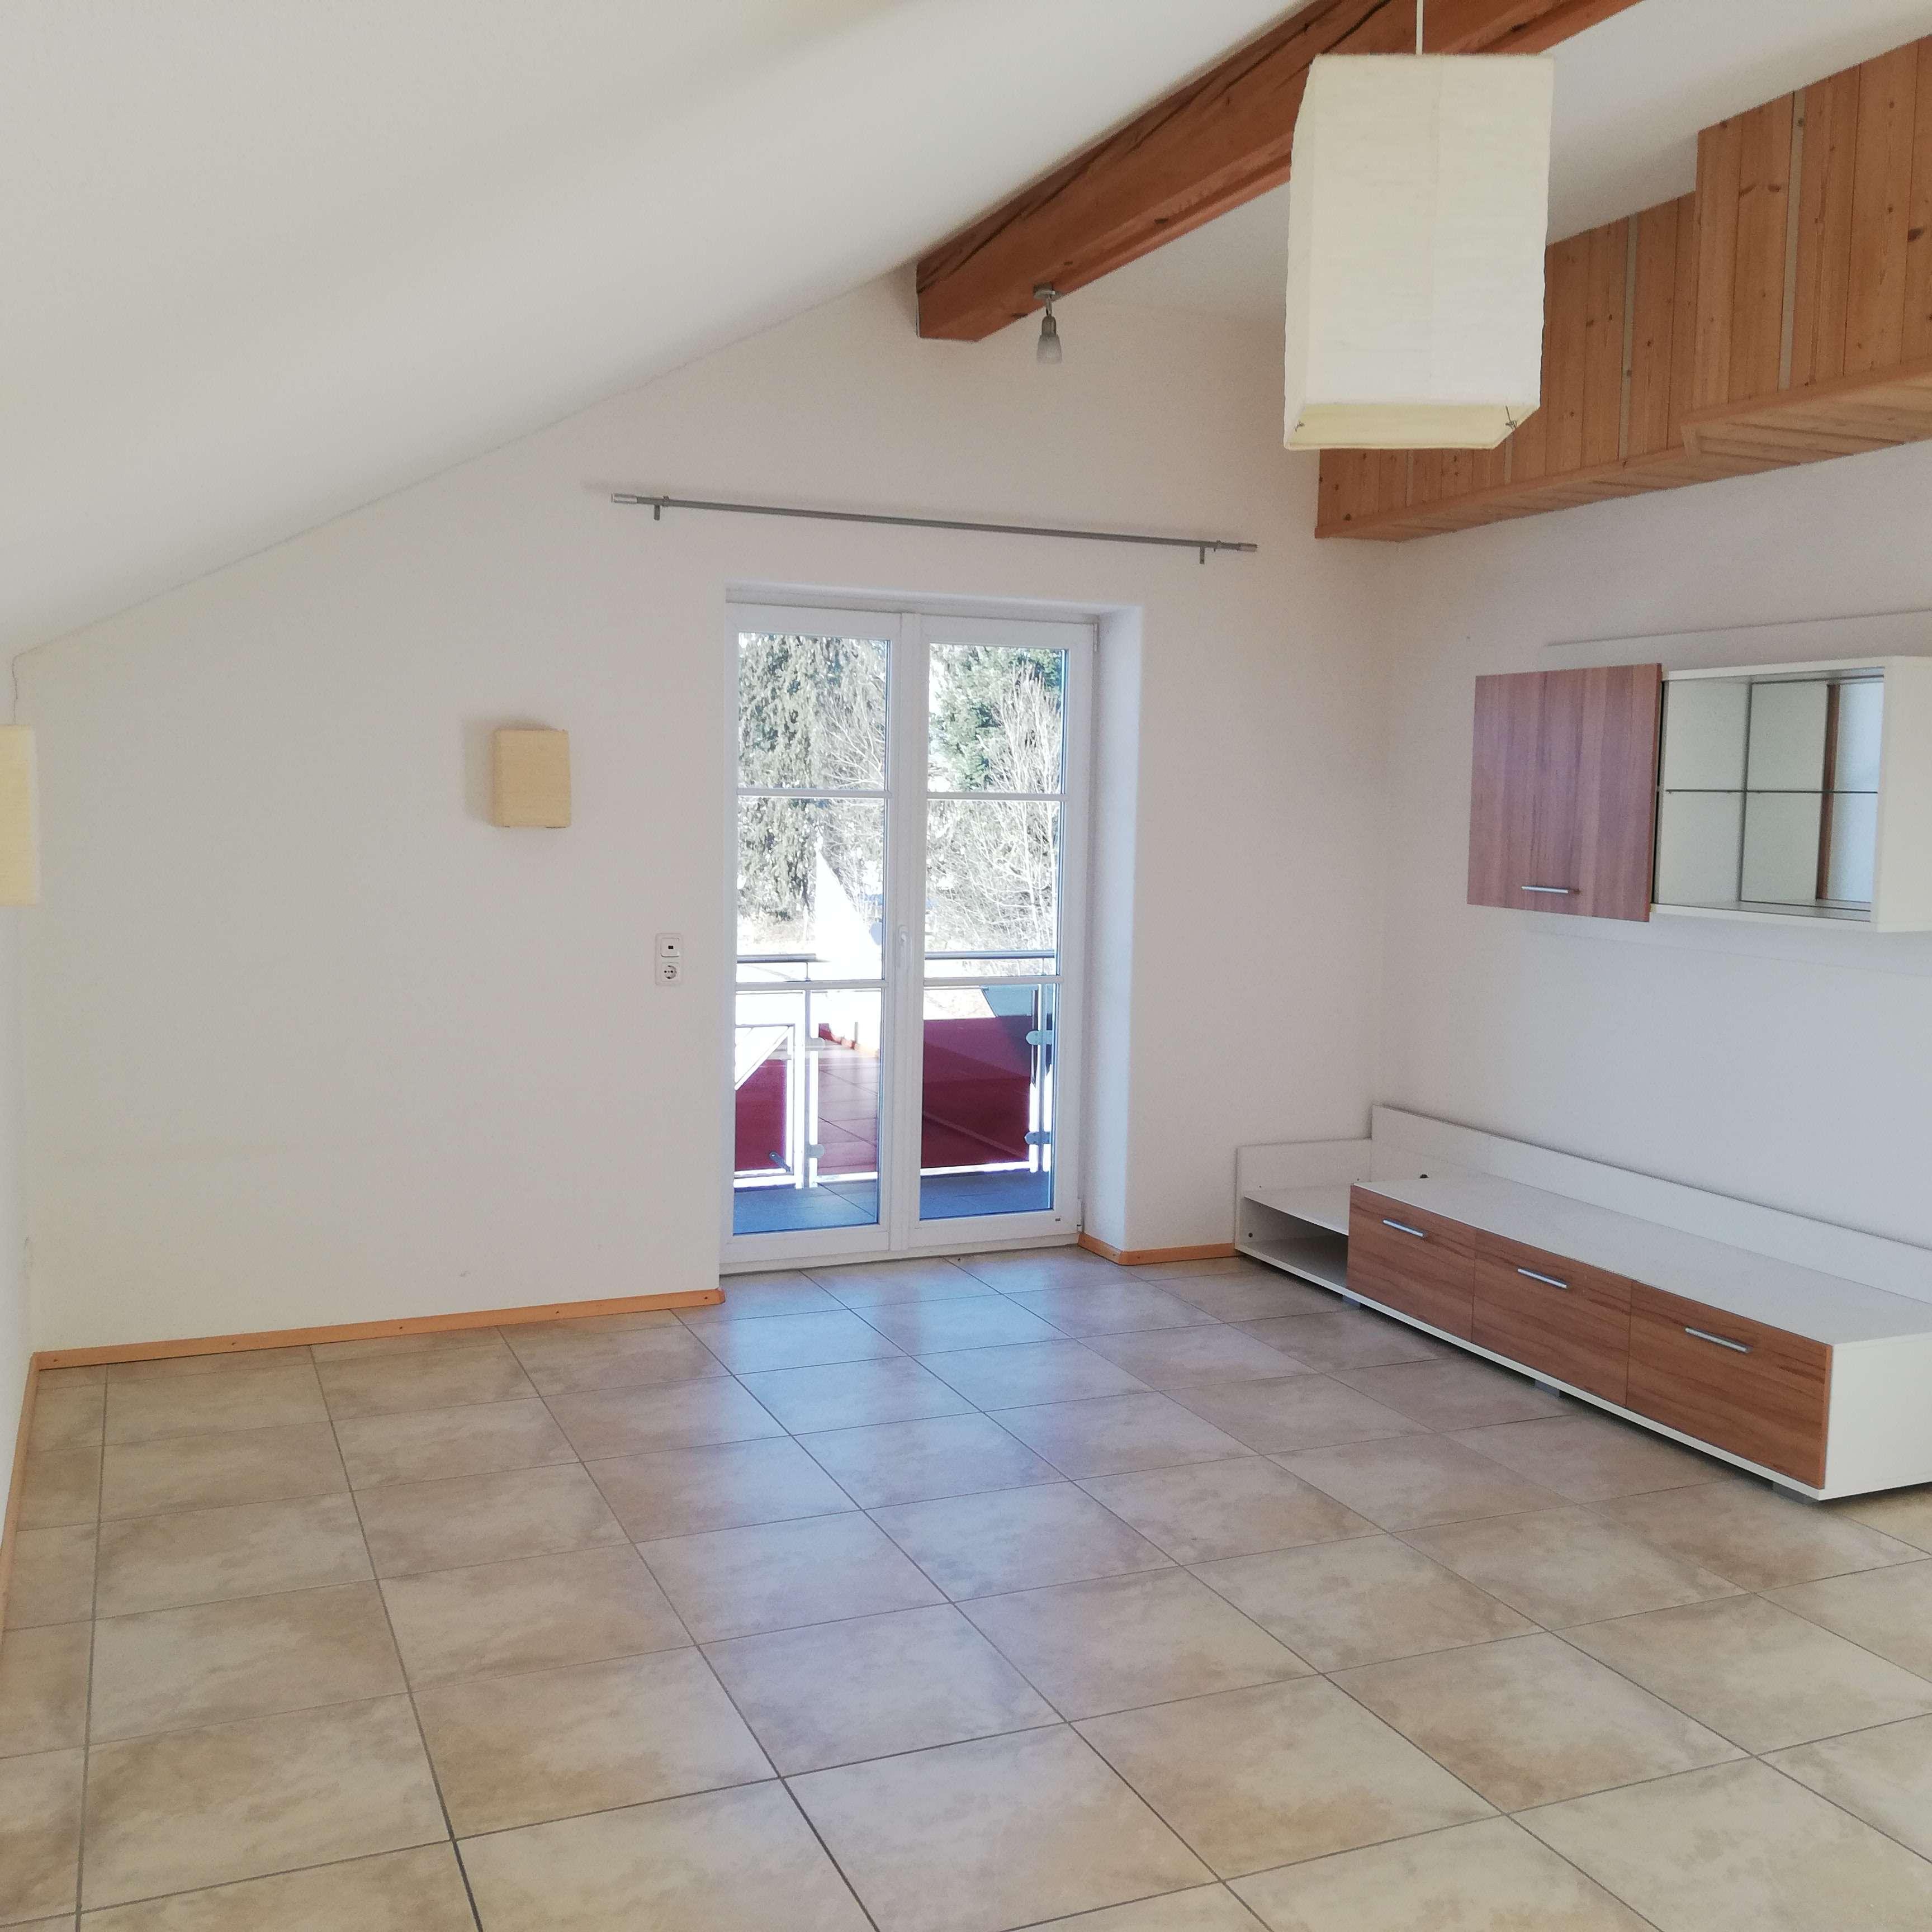 Gepflegte 3,5-Zimmer-Maisonette-Wohnung mit Balkon und EBK in Weitnau in Weitnau